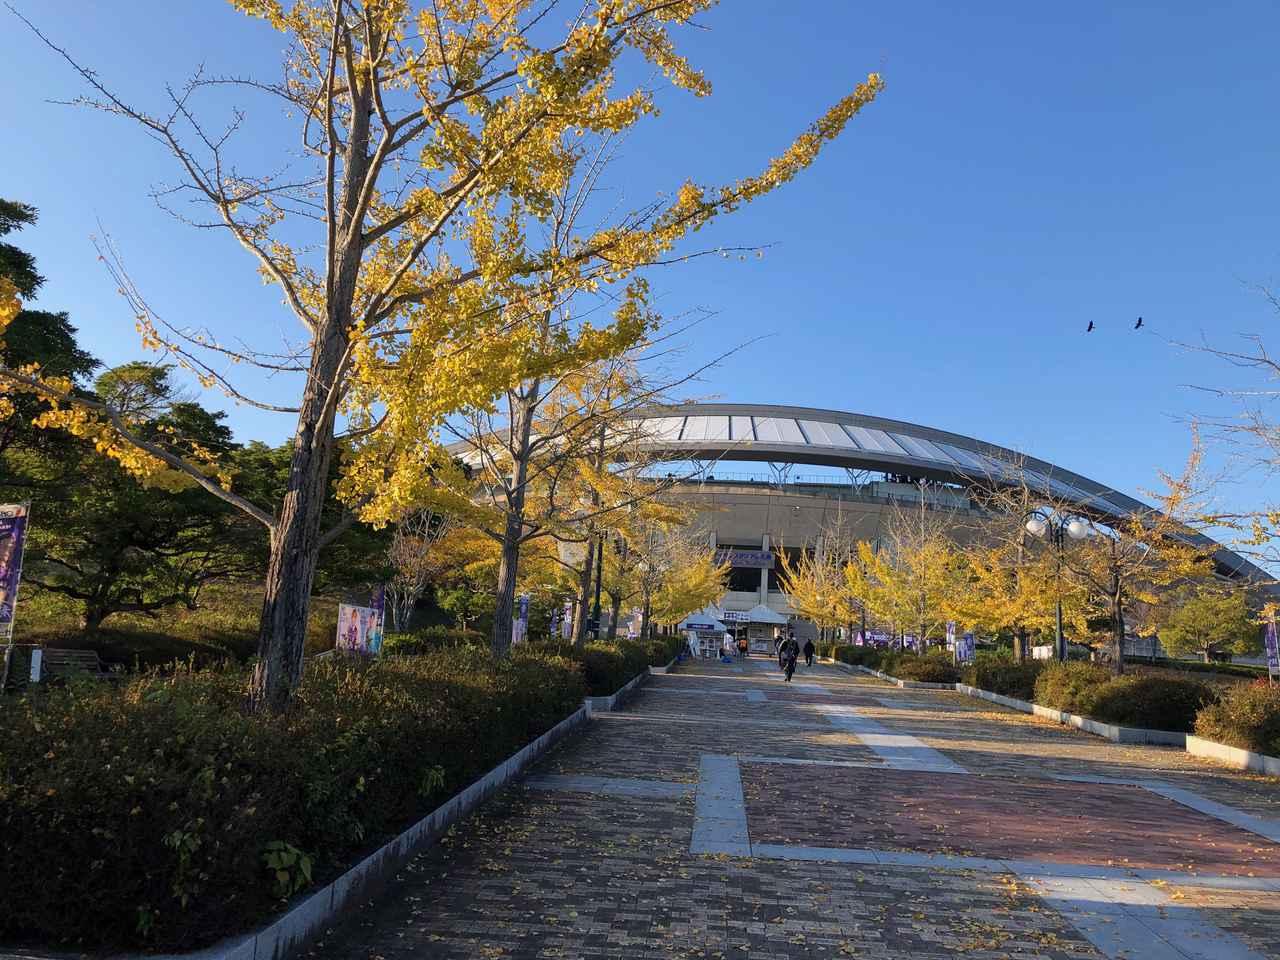 Images : 1番目の画像 - エディオンスタジアム広島の周辺では、いちょうの鮮やかな黄色が。落ち葉を片付けていたスタッフが、サンチェの顔を作って来場者をもてなした(写真◎石倉利英) - サッカーマガジンWEB